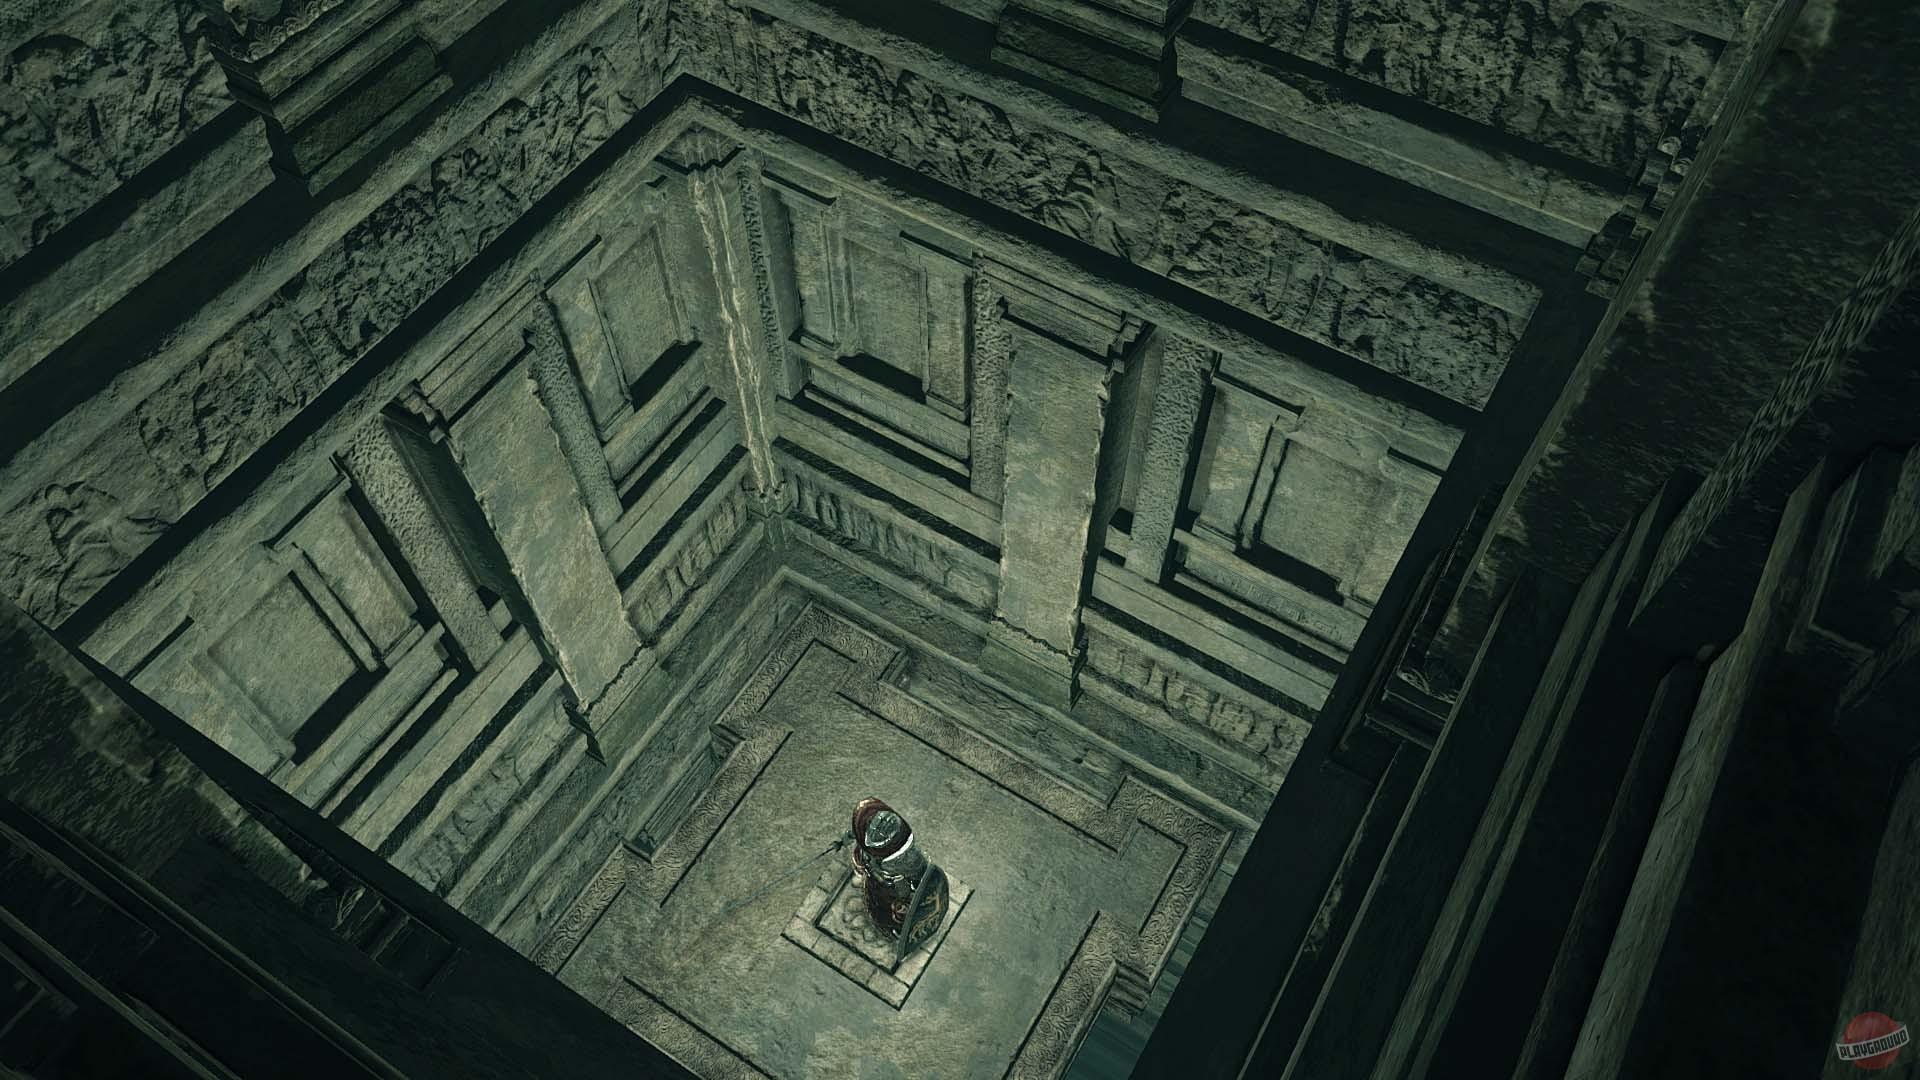 Dark souls 2 читы xbox 360 - e3f